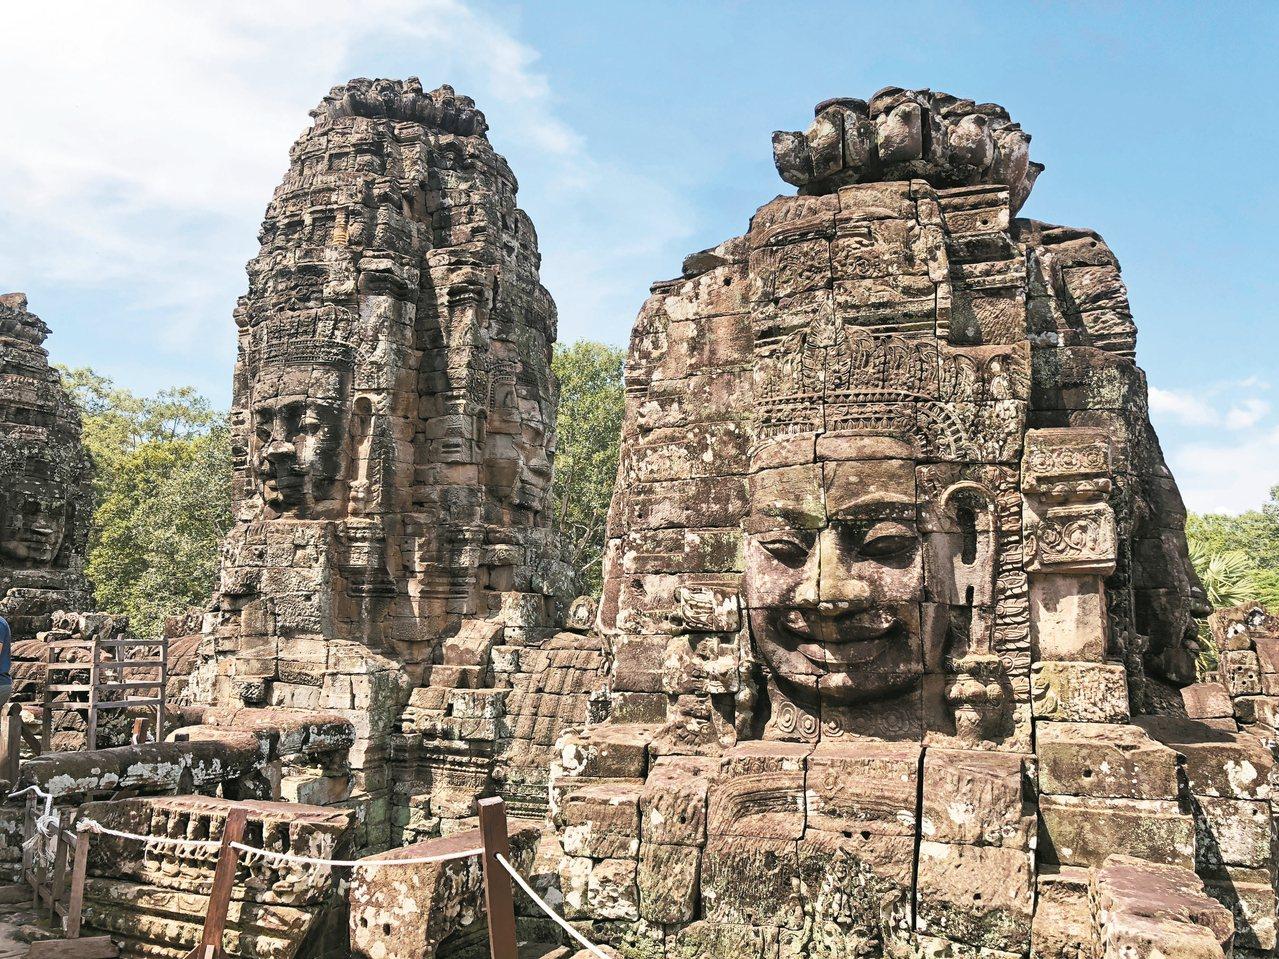 巴揚寺有「高棉的微笑」,旺季時幾乎不可能靠近。 記者袁世珮/攝影